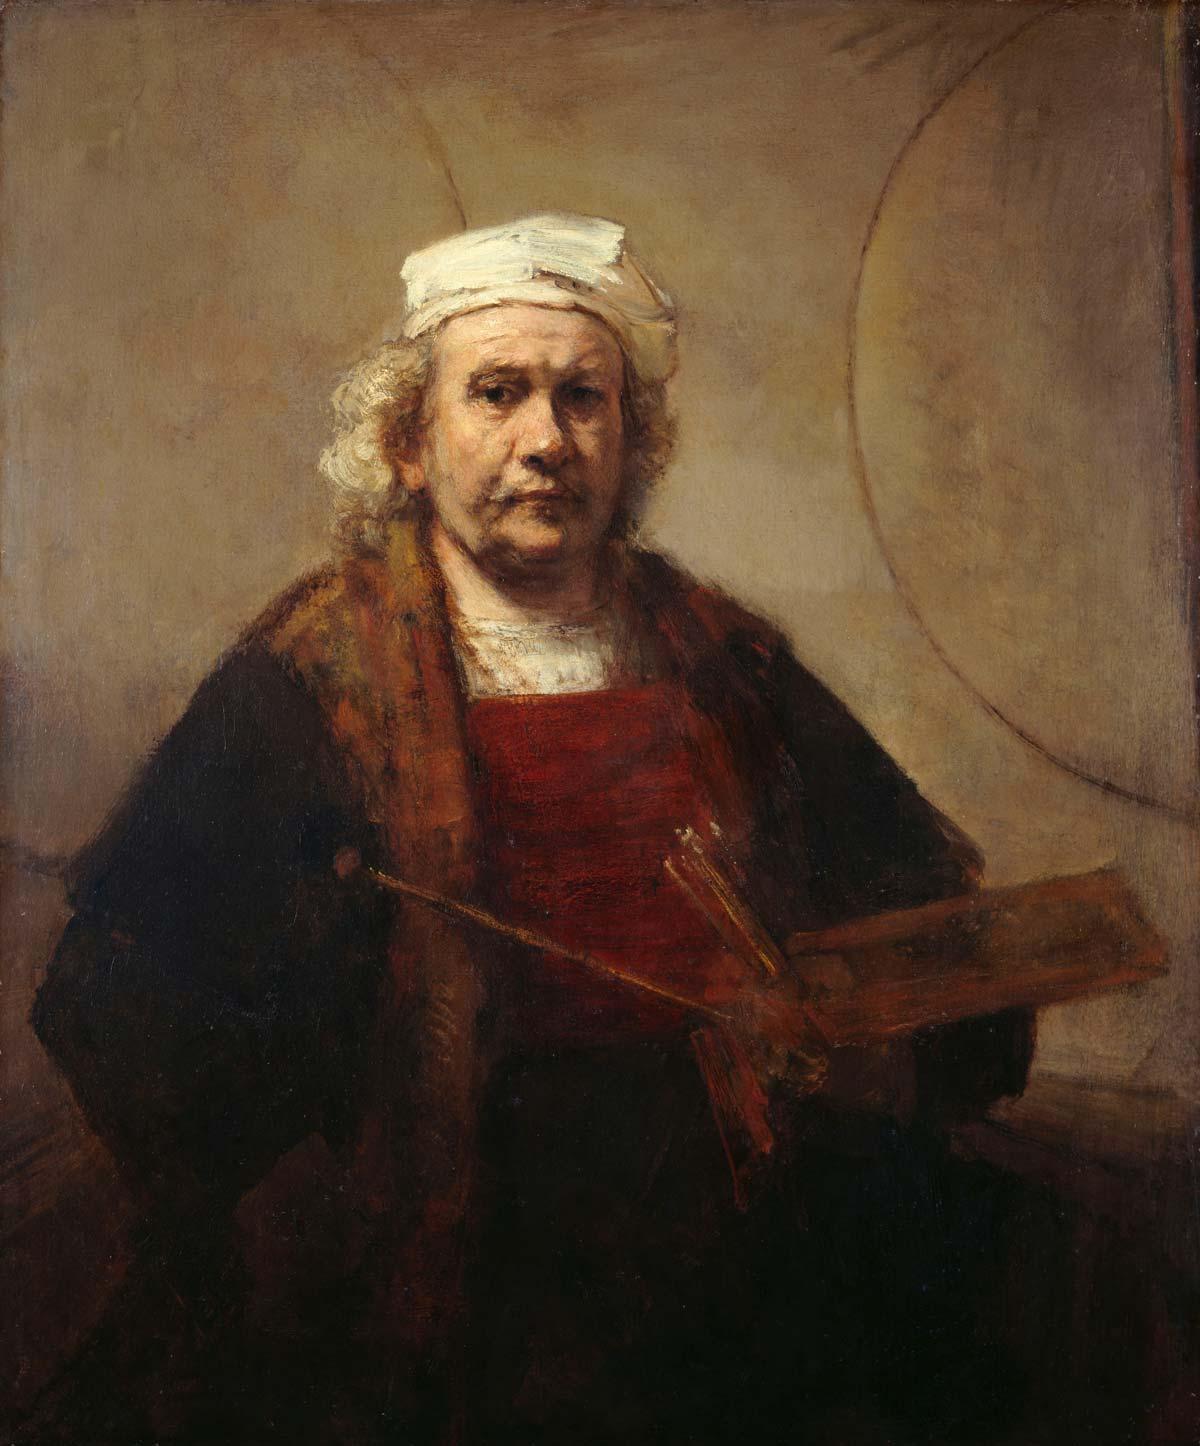 Rembrandt creator QS:P170,Q5598, Rembrandt Self-portrait (Kenwood), als gemeinfrei gekennzeichnet, Details auf Wikimedia Commons